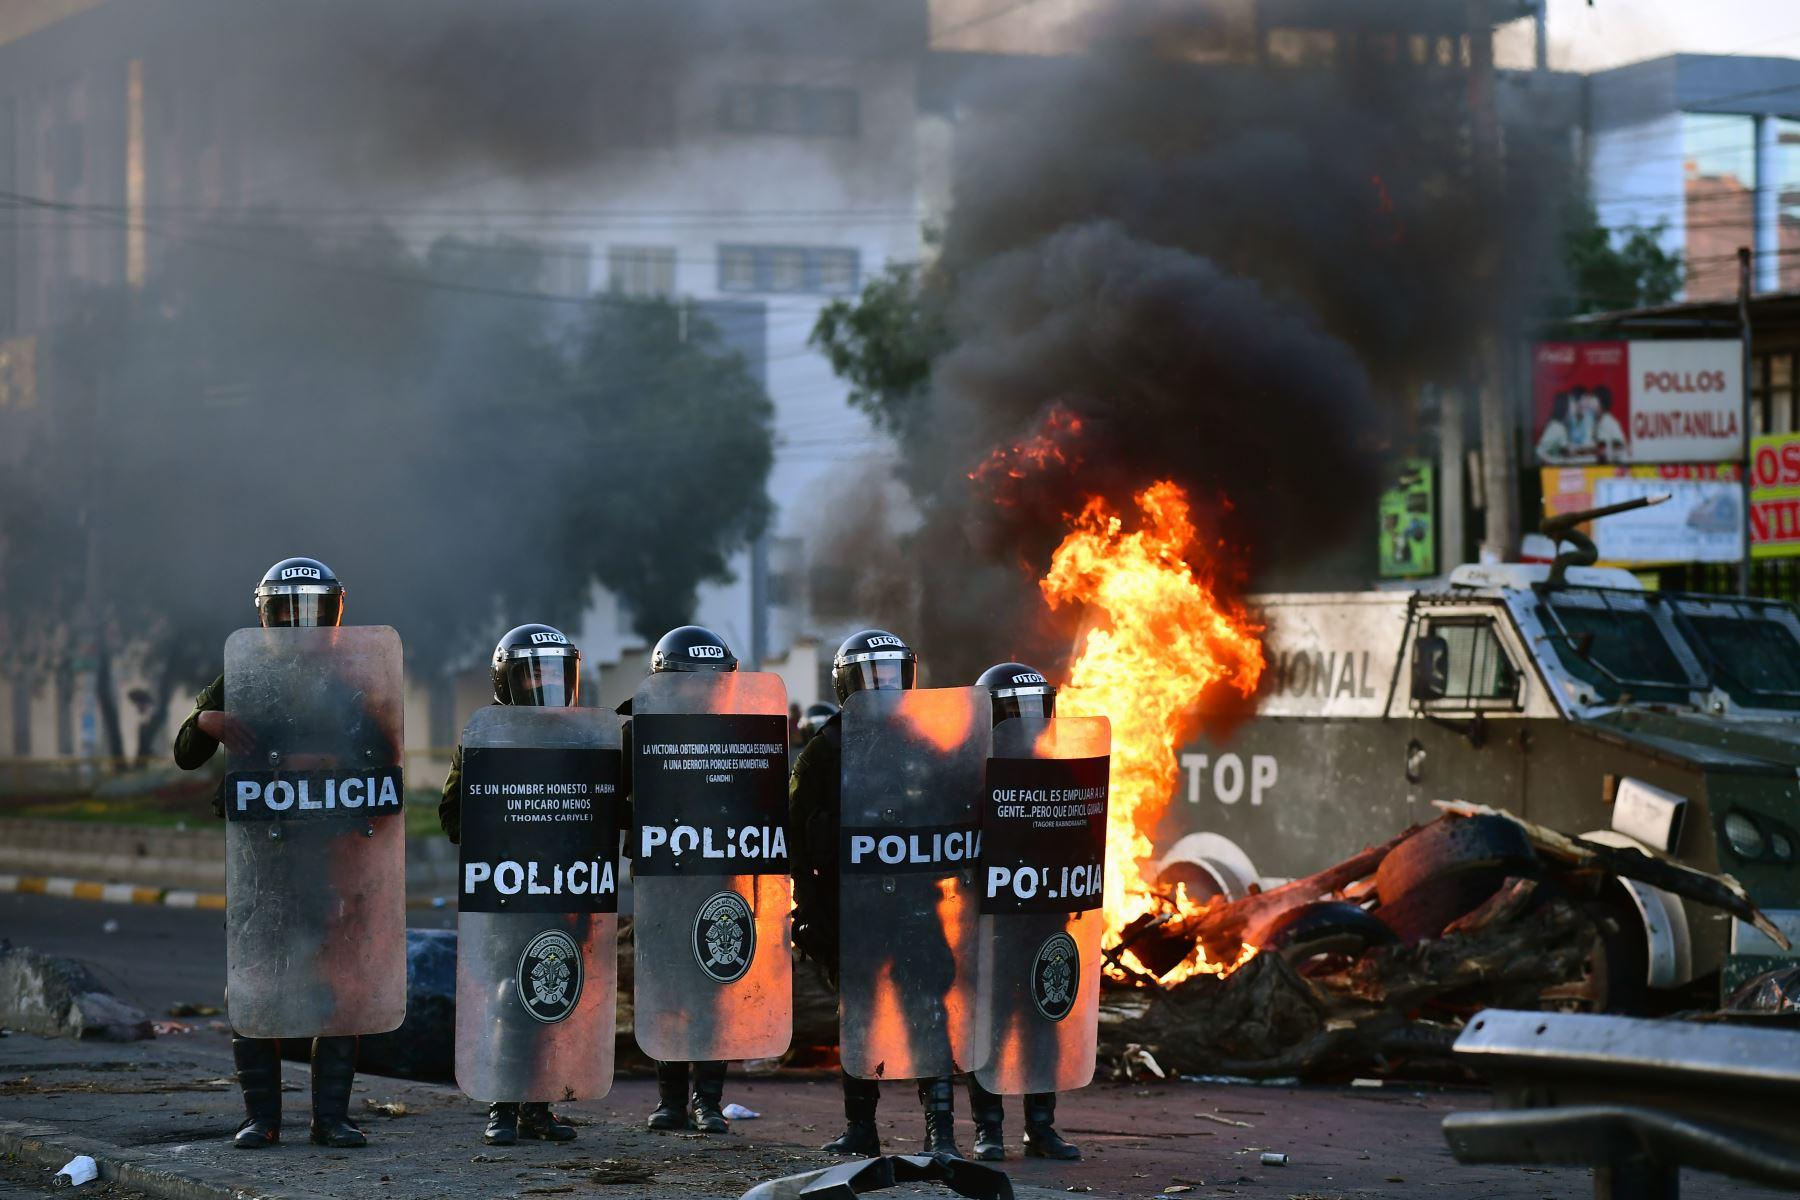 La policía antidisturbios boliviana está de guardia durante una manifestación en Cochabamba. Foto: AFP